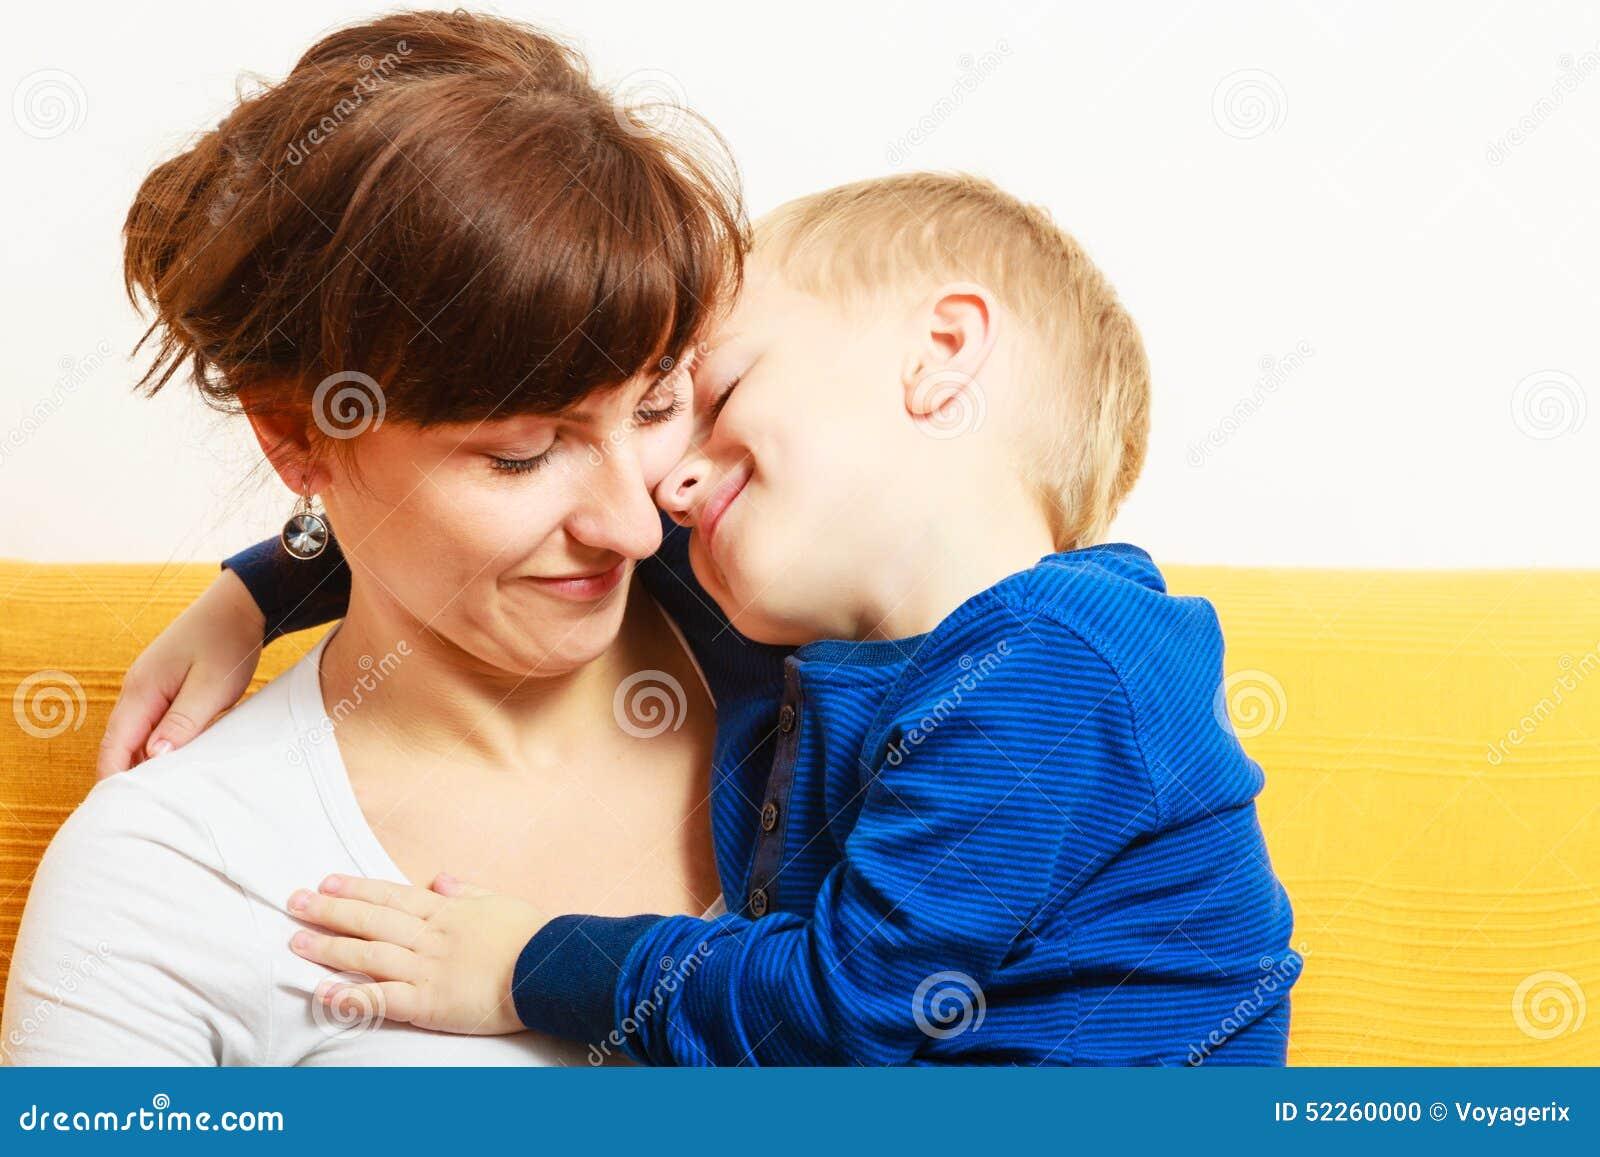 Смотреть hd сын ебет мать, Сын ебет мать: смотреть русское порно видео онлайн 22 фотография